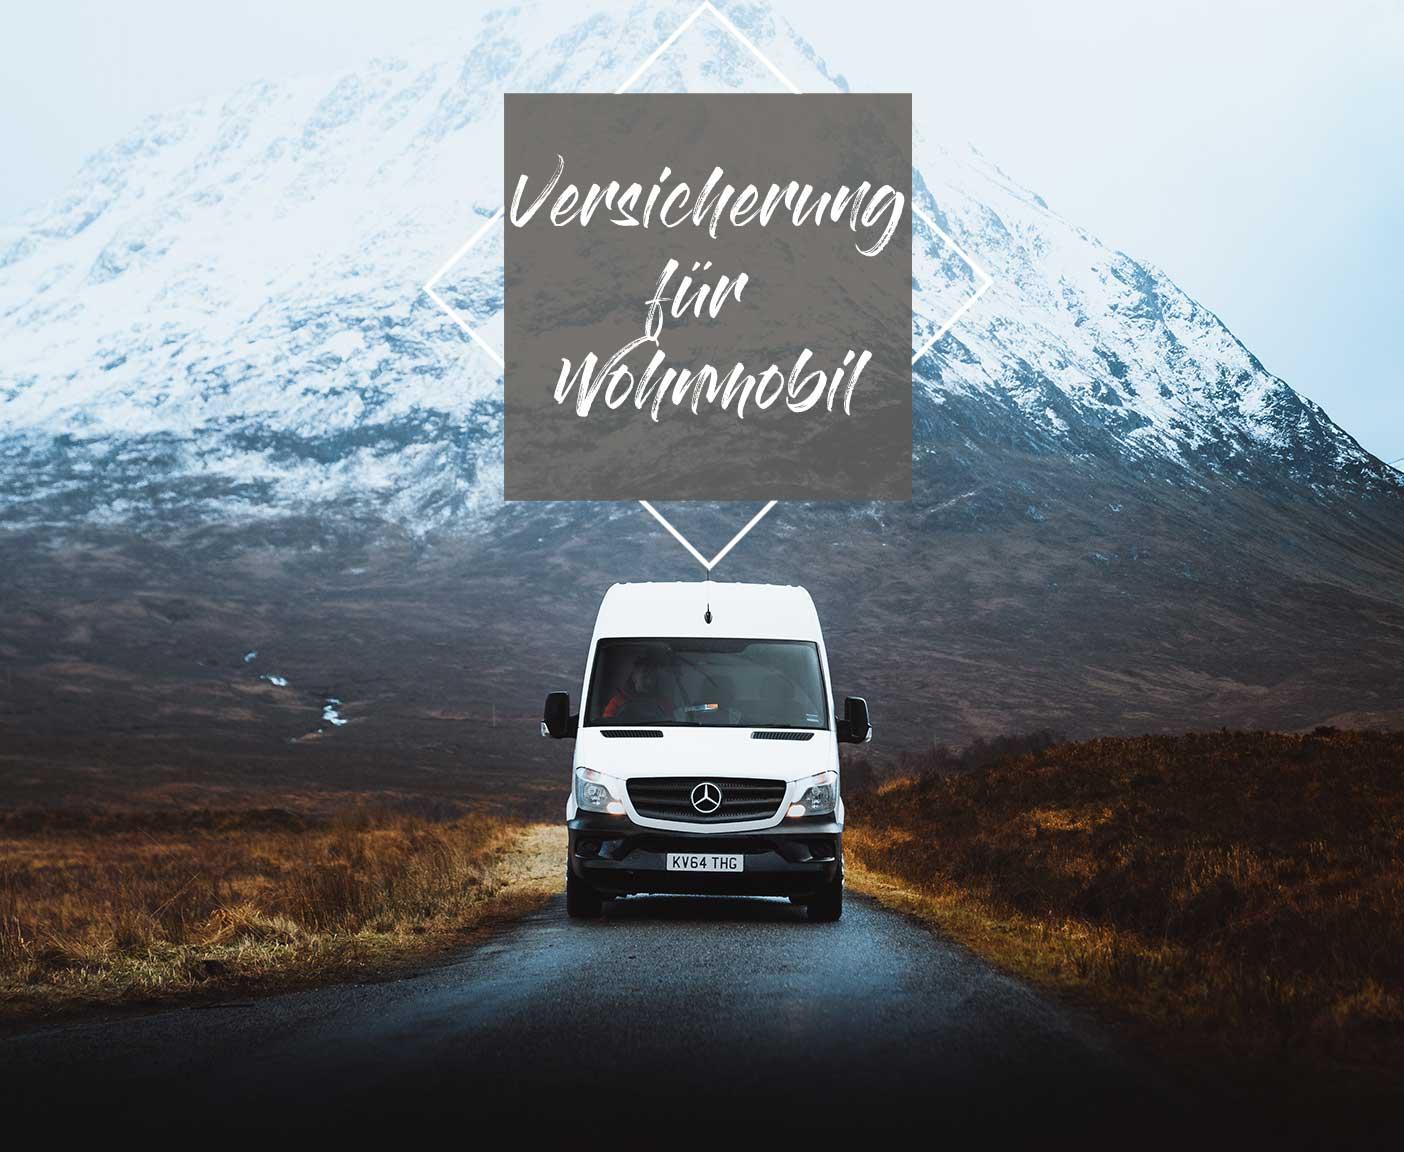 camper-wohnmobil-versicherung-wohnmobil-versicherung-teilkaso-schaden-wohnwagen-ratgeber-versicherung-leistung-ausland-haftpflichtversicherung